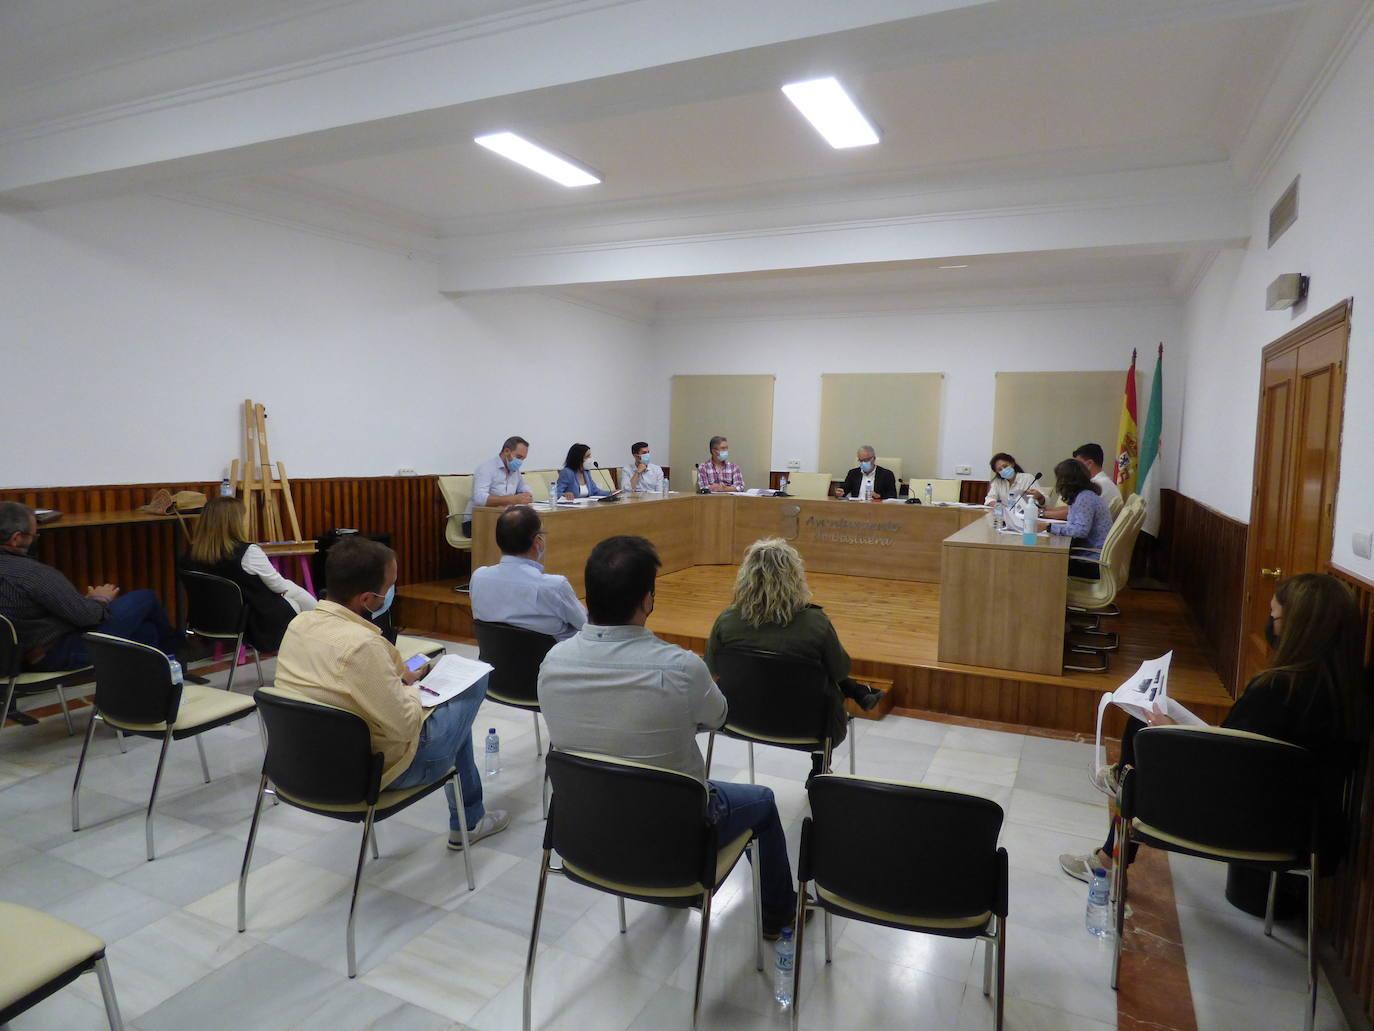 El Ayuntamiento de Castuera celebró el pleno ordinario correspondiente al mes de septiembre